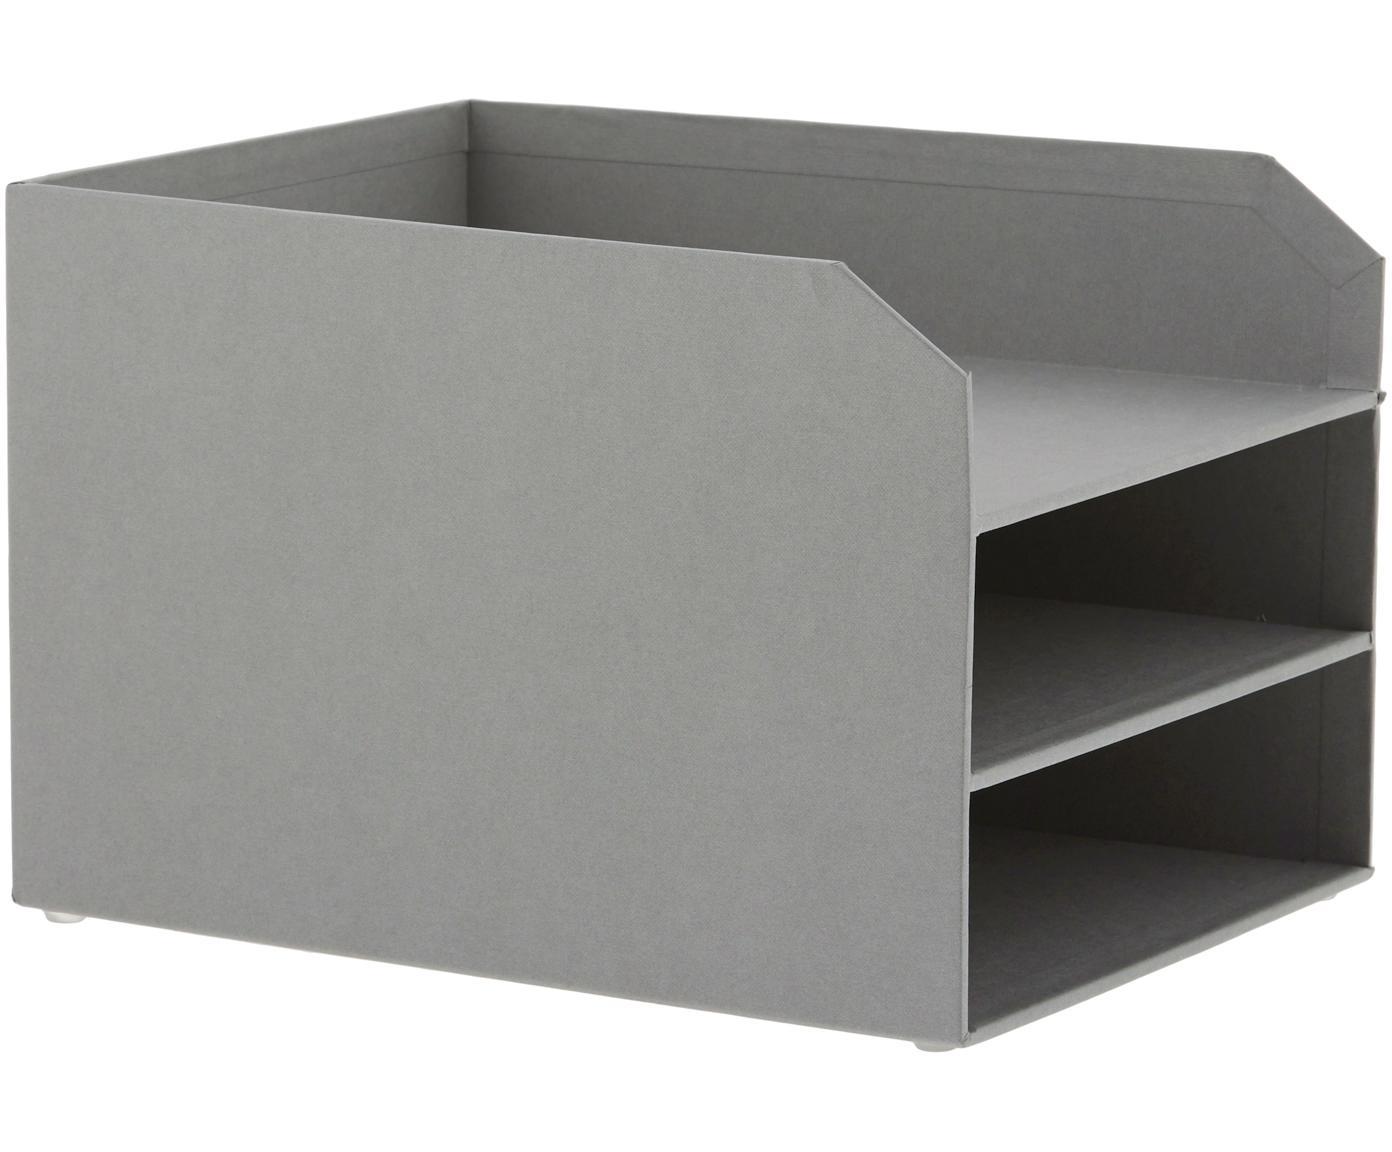 Tacka na dokumenty Trey, Tektura laminowana, Szary, S 23 x W 21 cm